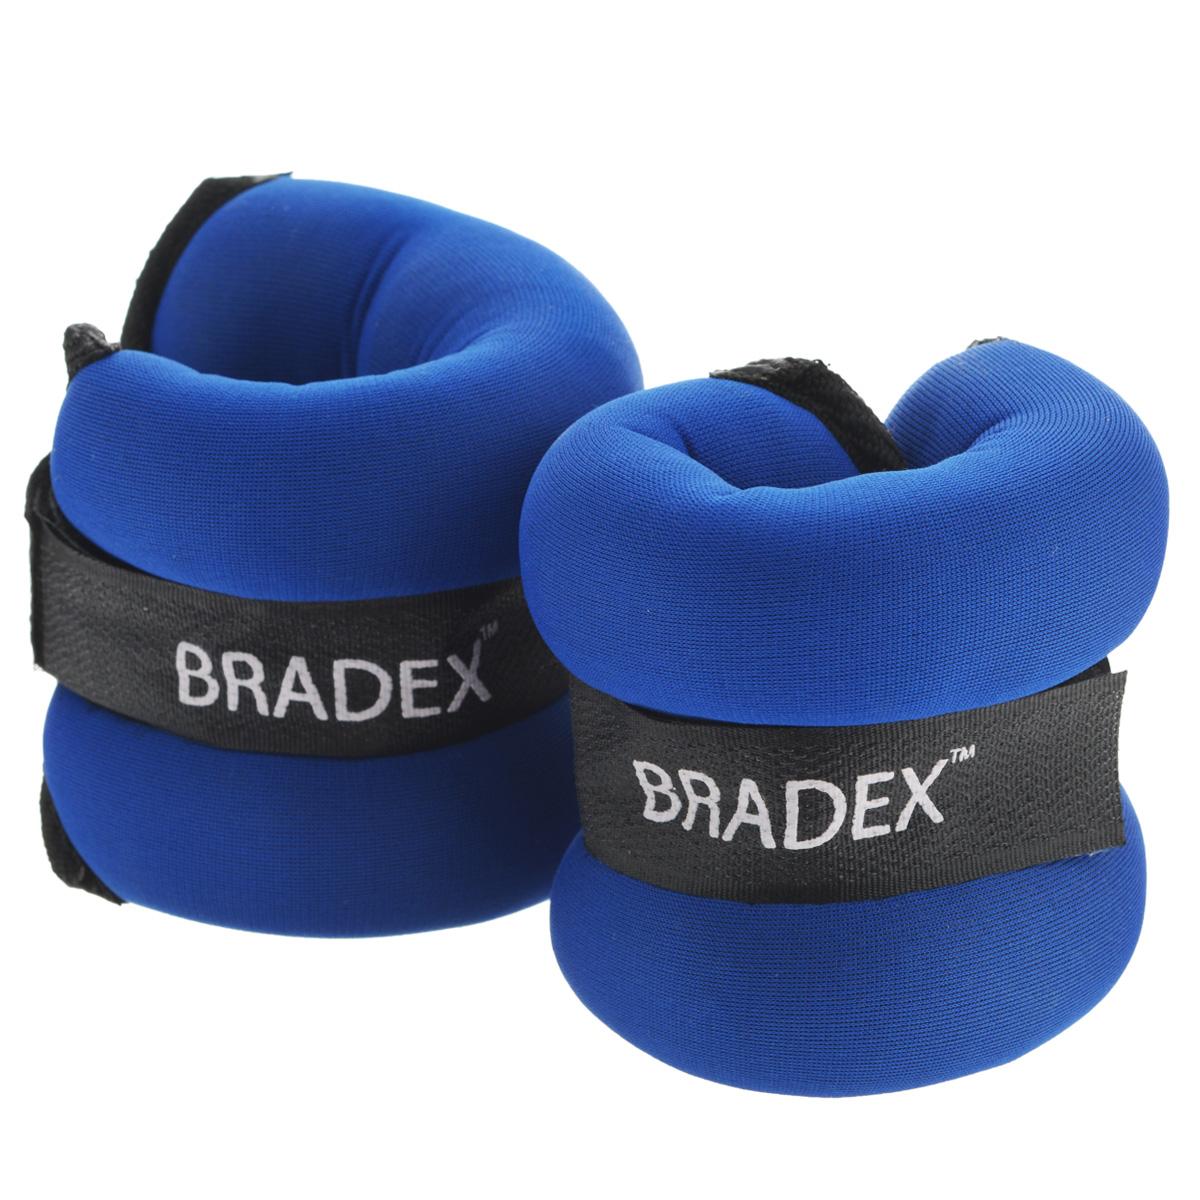 Утяжелители Bradex, 2х0,5 кгSF 0014Утяжелители Bradex придадут мышцам дополнительную нагрузку, превышающую обычный уровень их напряжения во время упражнений. Вы можете надевать их, занимаясьходьбой, бегом, гимнастикой. Эти утяжелители прочно и комфортно крепятся на запястьях и лодыжках, обеспечивая серьезную нагрузку, совершенно не сковывая движения.Таким образом, тренировке придается аэробный эффект, в умеренных количествах благотворно влияющий на состояние сердца. Используя утяжелители, вы повысите результативность упражнений, быстрее избавитесь от лишнего веса, подготовите тело к усложненной программе тренировок.Утяжелители фиксируются благодаря липучкам.Характеристики:Материал: ПВХ, нейлон. Наполнитель: металлические шарики. Размер утяжелителя (без фиксаторов): 20 см х 9 см х 3 см.Вес: 2 х 0,5 кг. Размер упаковки: 16 см х 8,5 см х 6,5 см. Производитель: Китай. Артикул: SF0014.